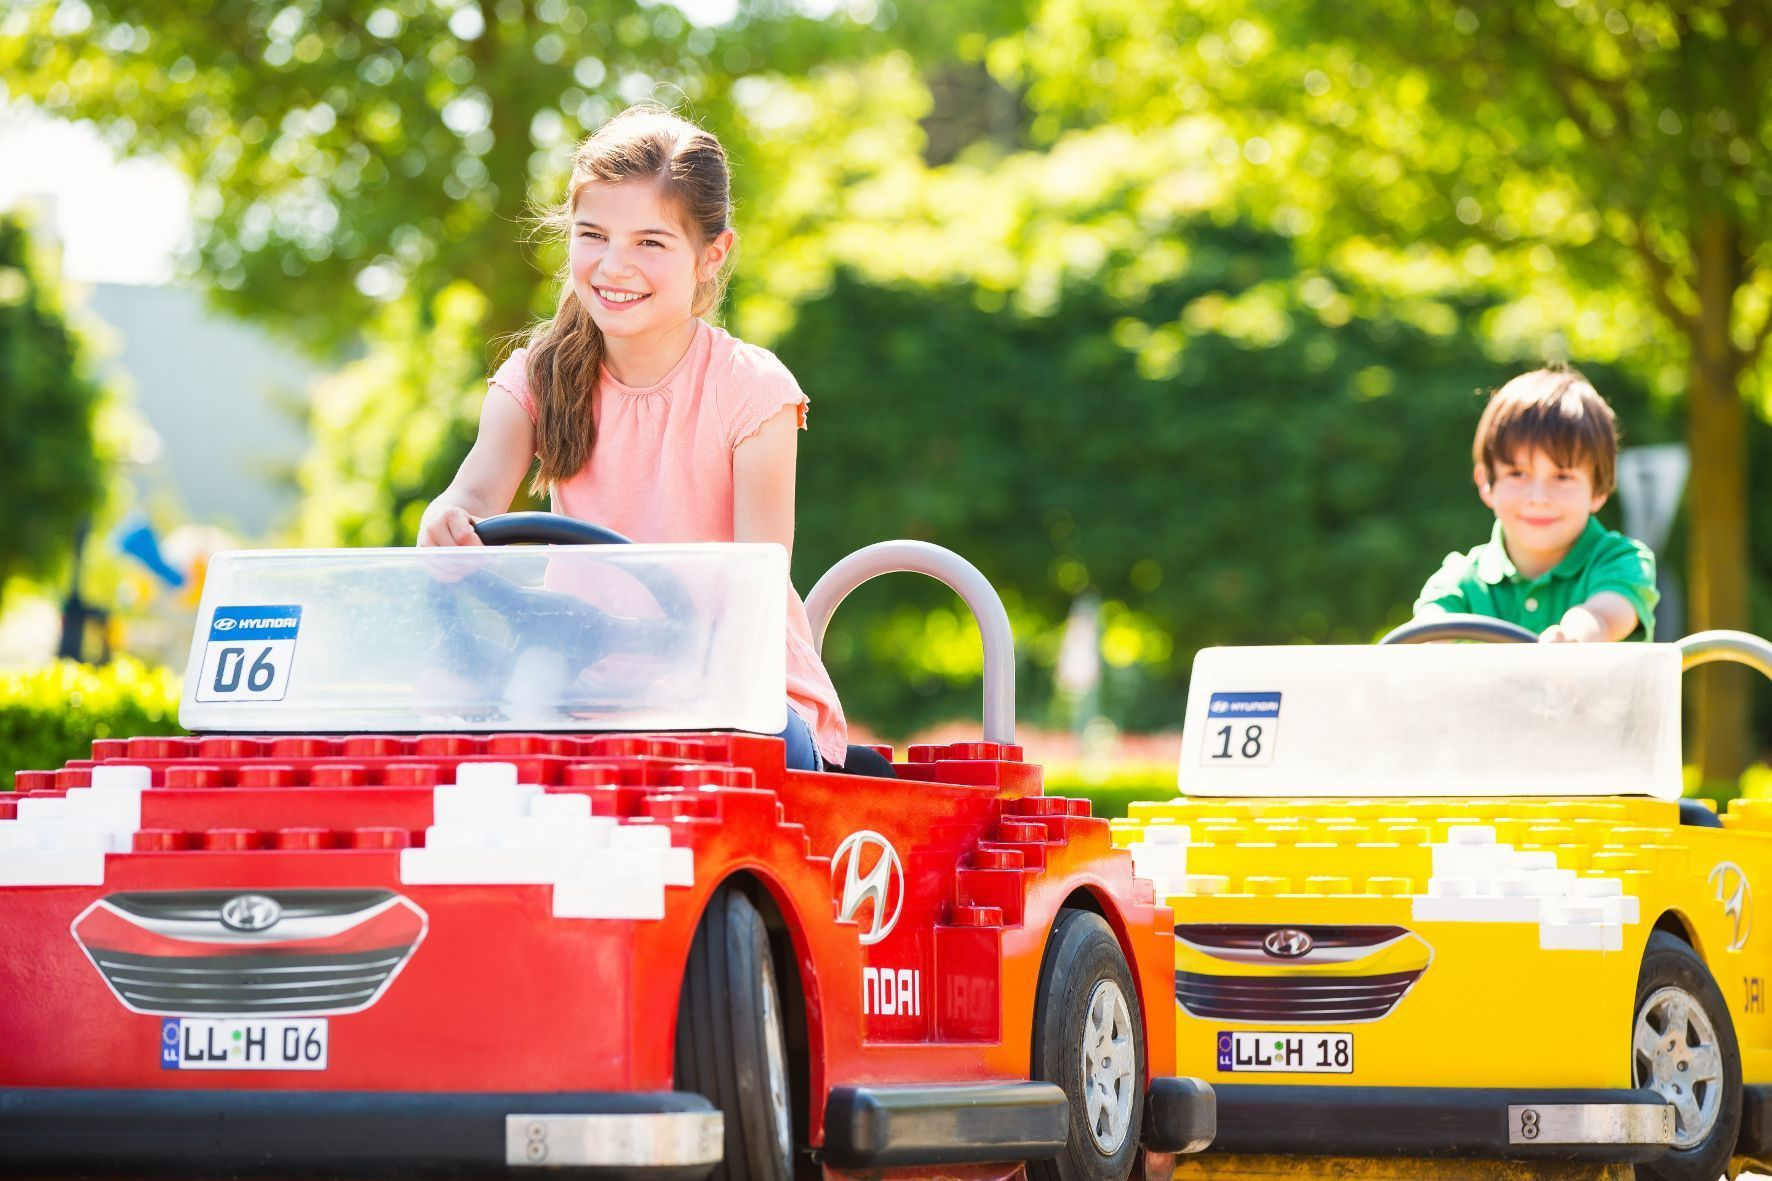 mid Groß-Gerau - Früh übt sich, was ein sicherer Autofahrer werden will. Im Legoland lernen die Kleinen auf spielerische Weise den Umgang mit der Mobilität.